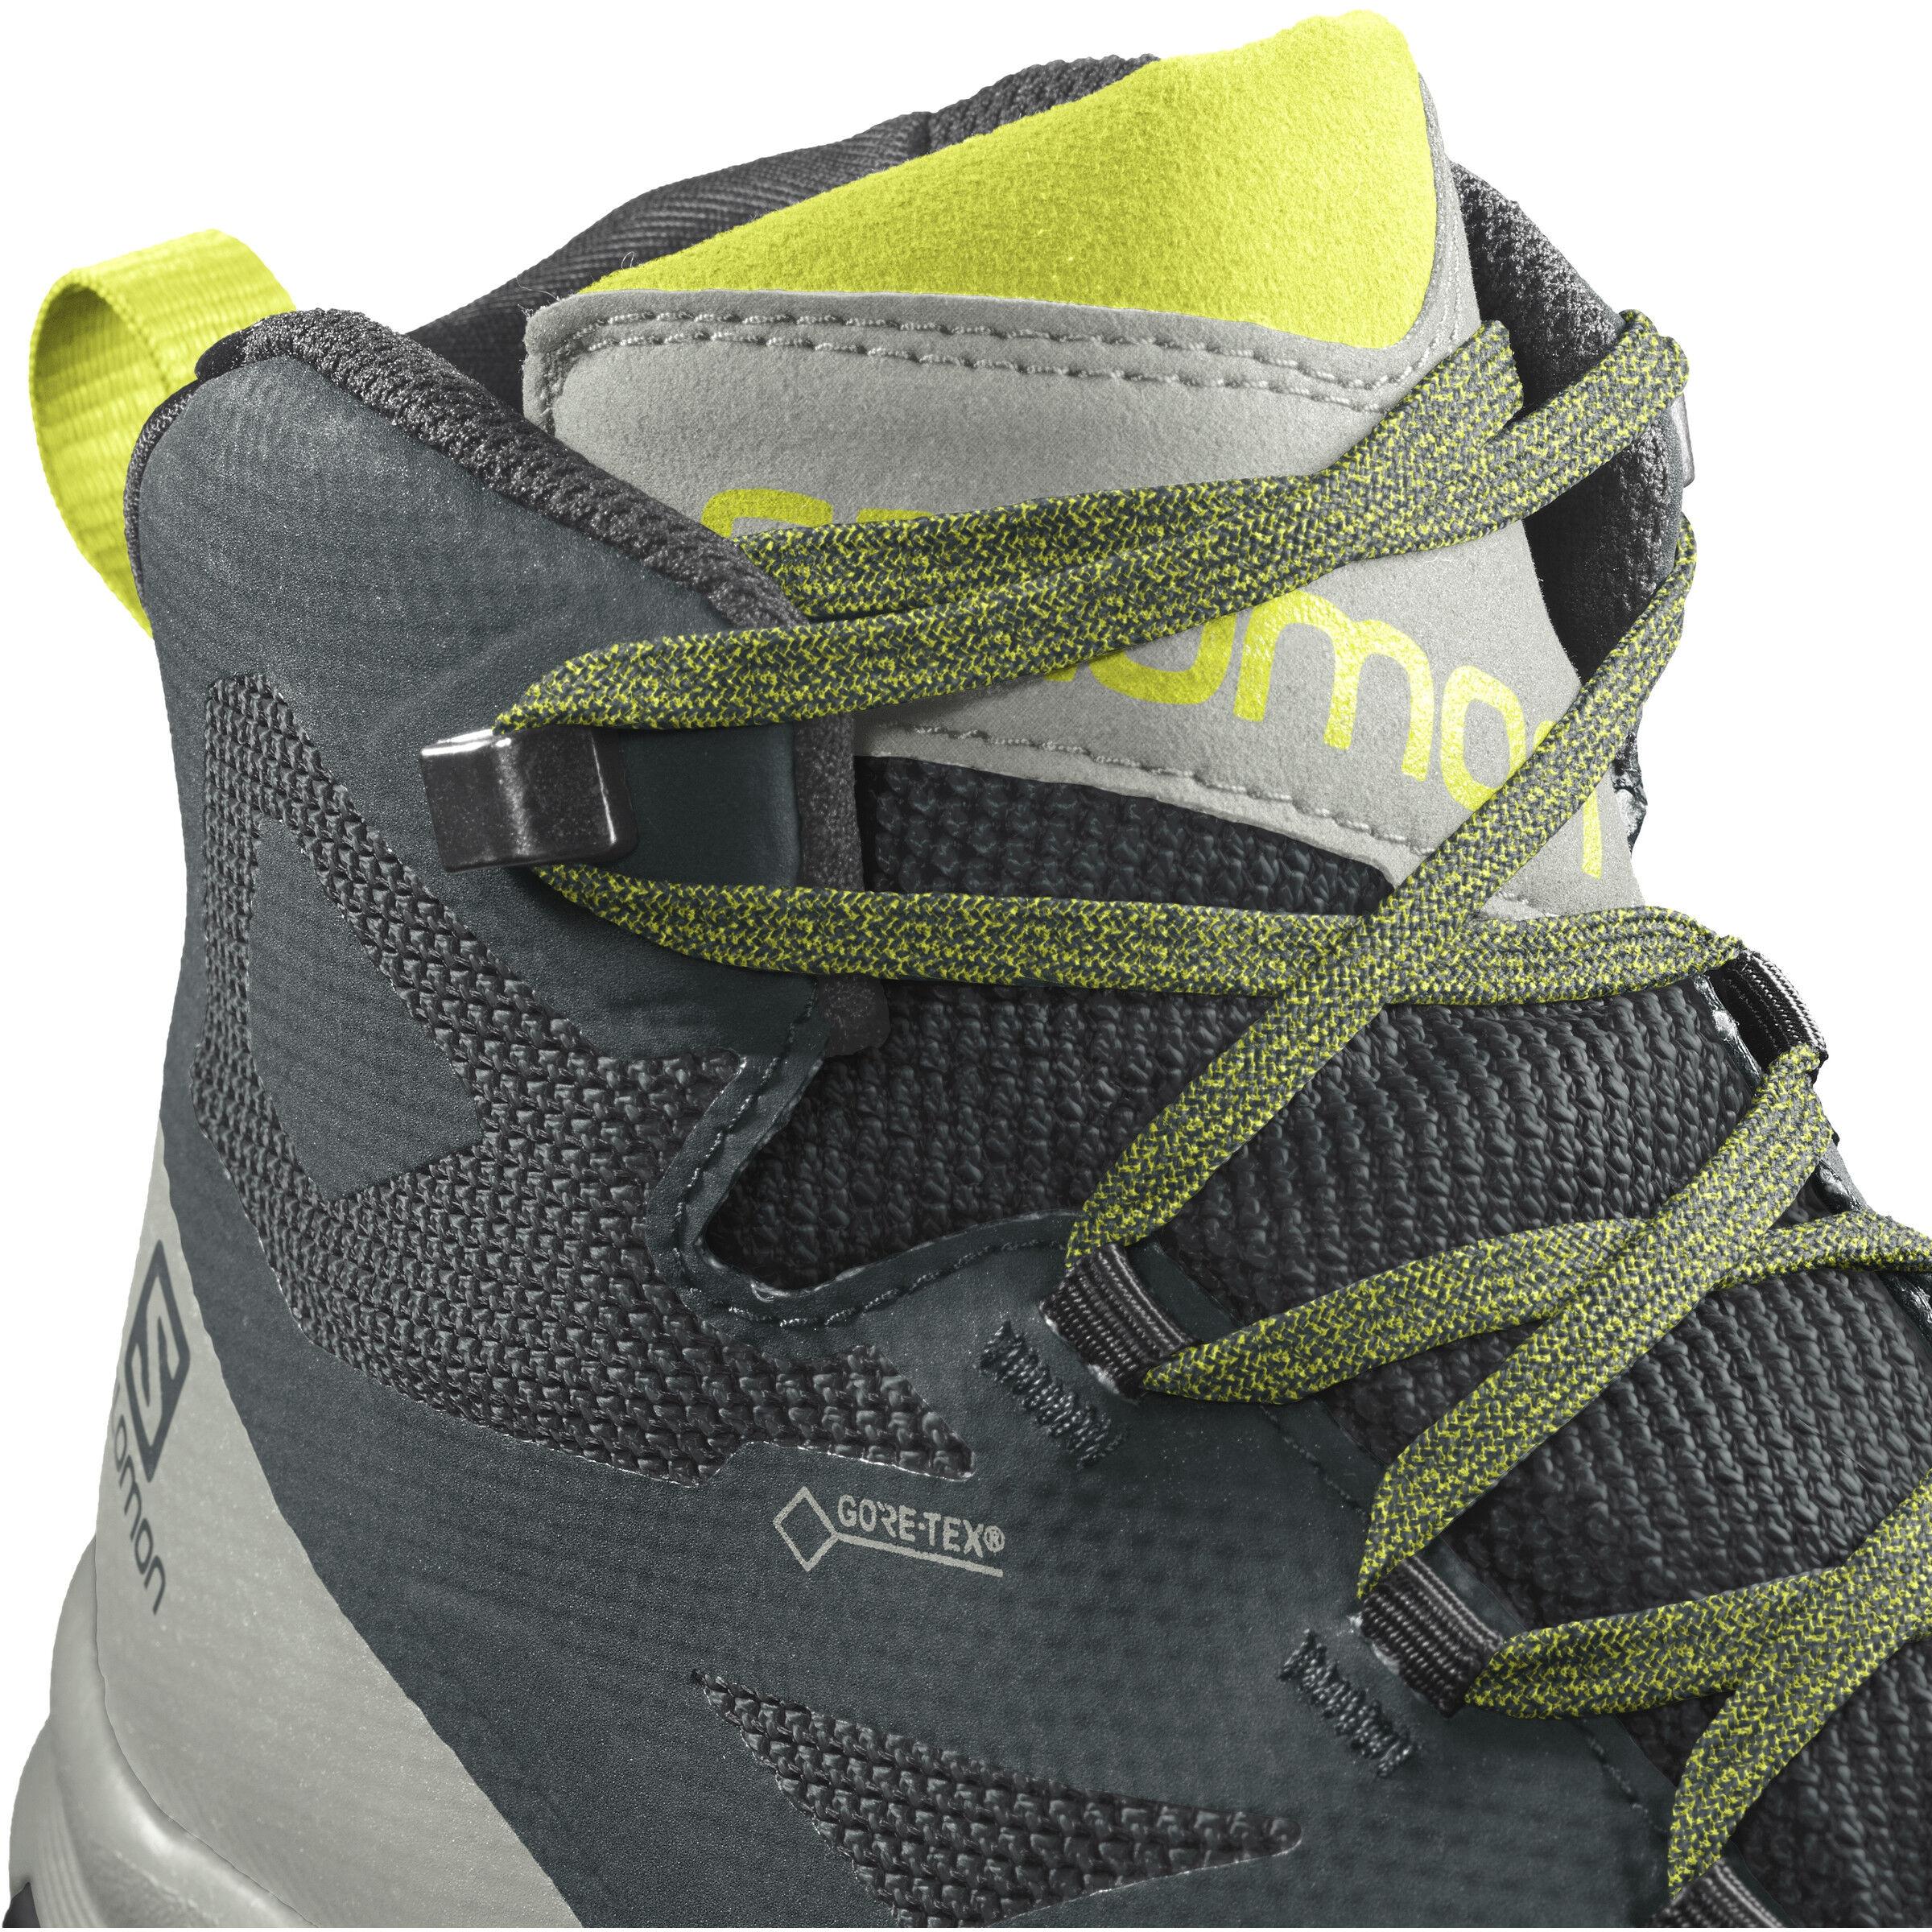 Salomon Evasion 2 Mid LTR GTX Schuhe Herren